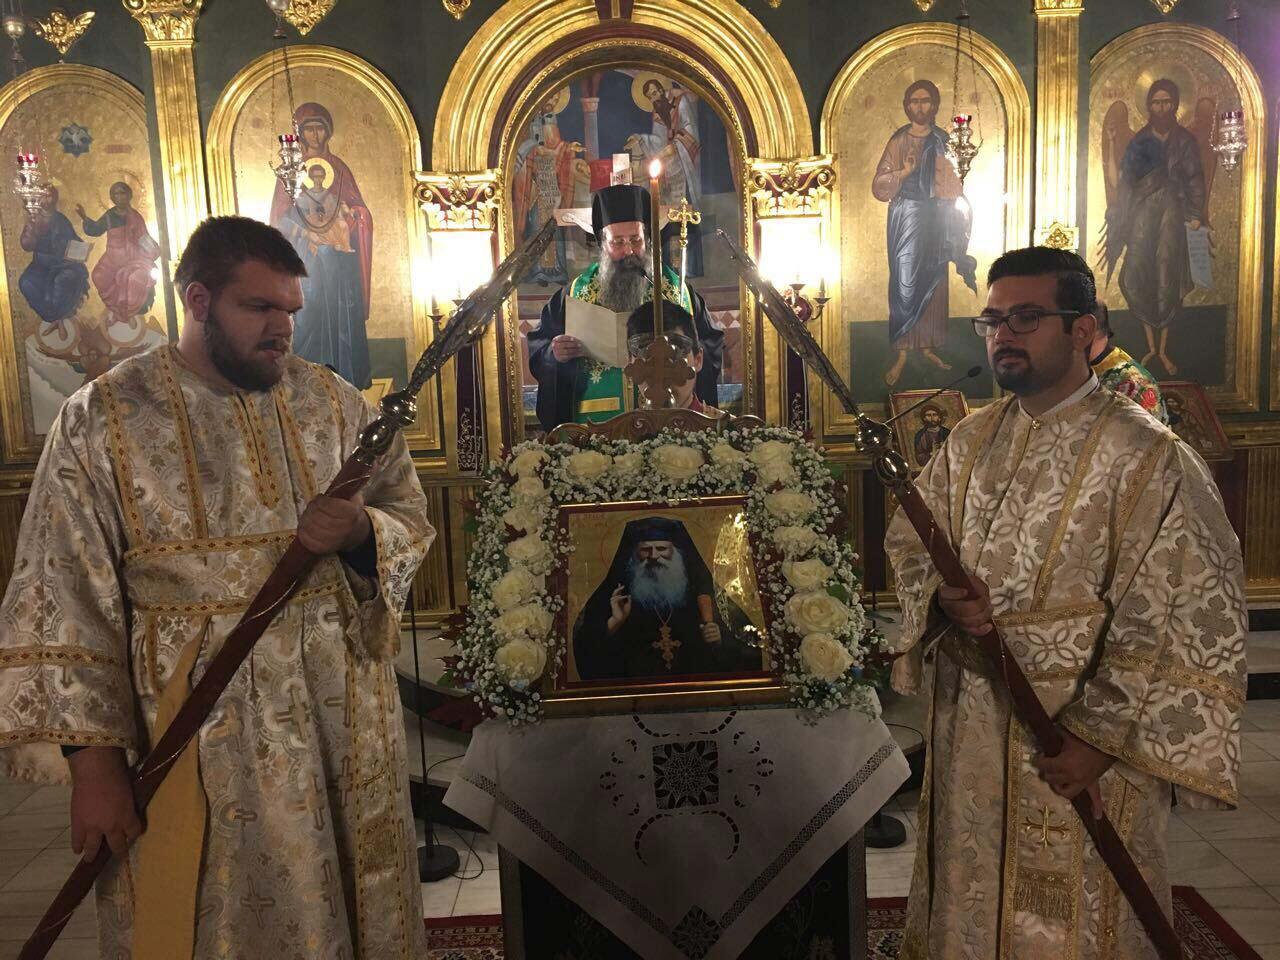 Η Αγιοκατατάξη του Αγίου Ιακώβου (Τσαλίκη) Στην Ιερά Μητρόπολη Κίτρους